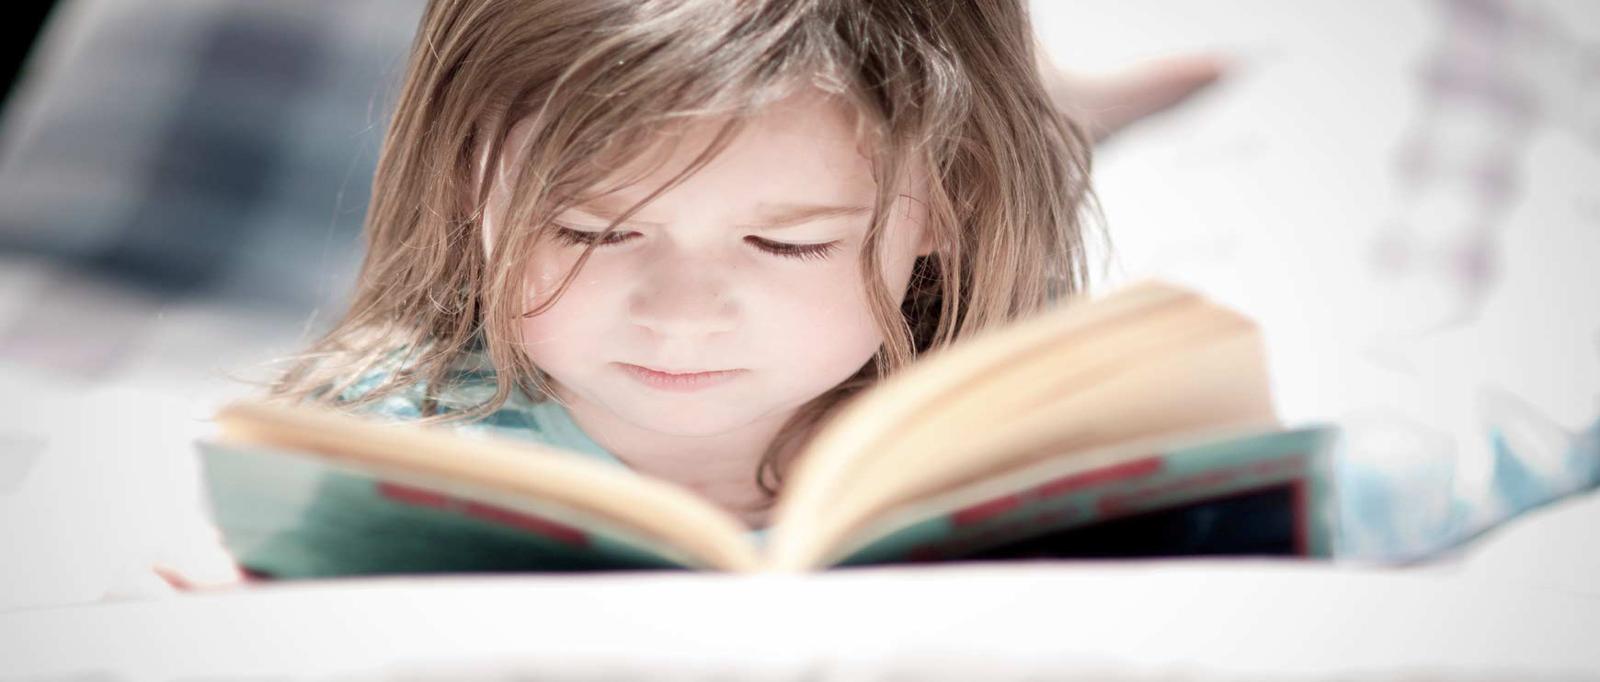 6 sugestões de livros infantis para ler com seu filho